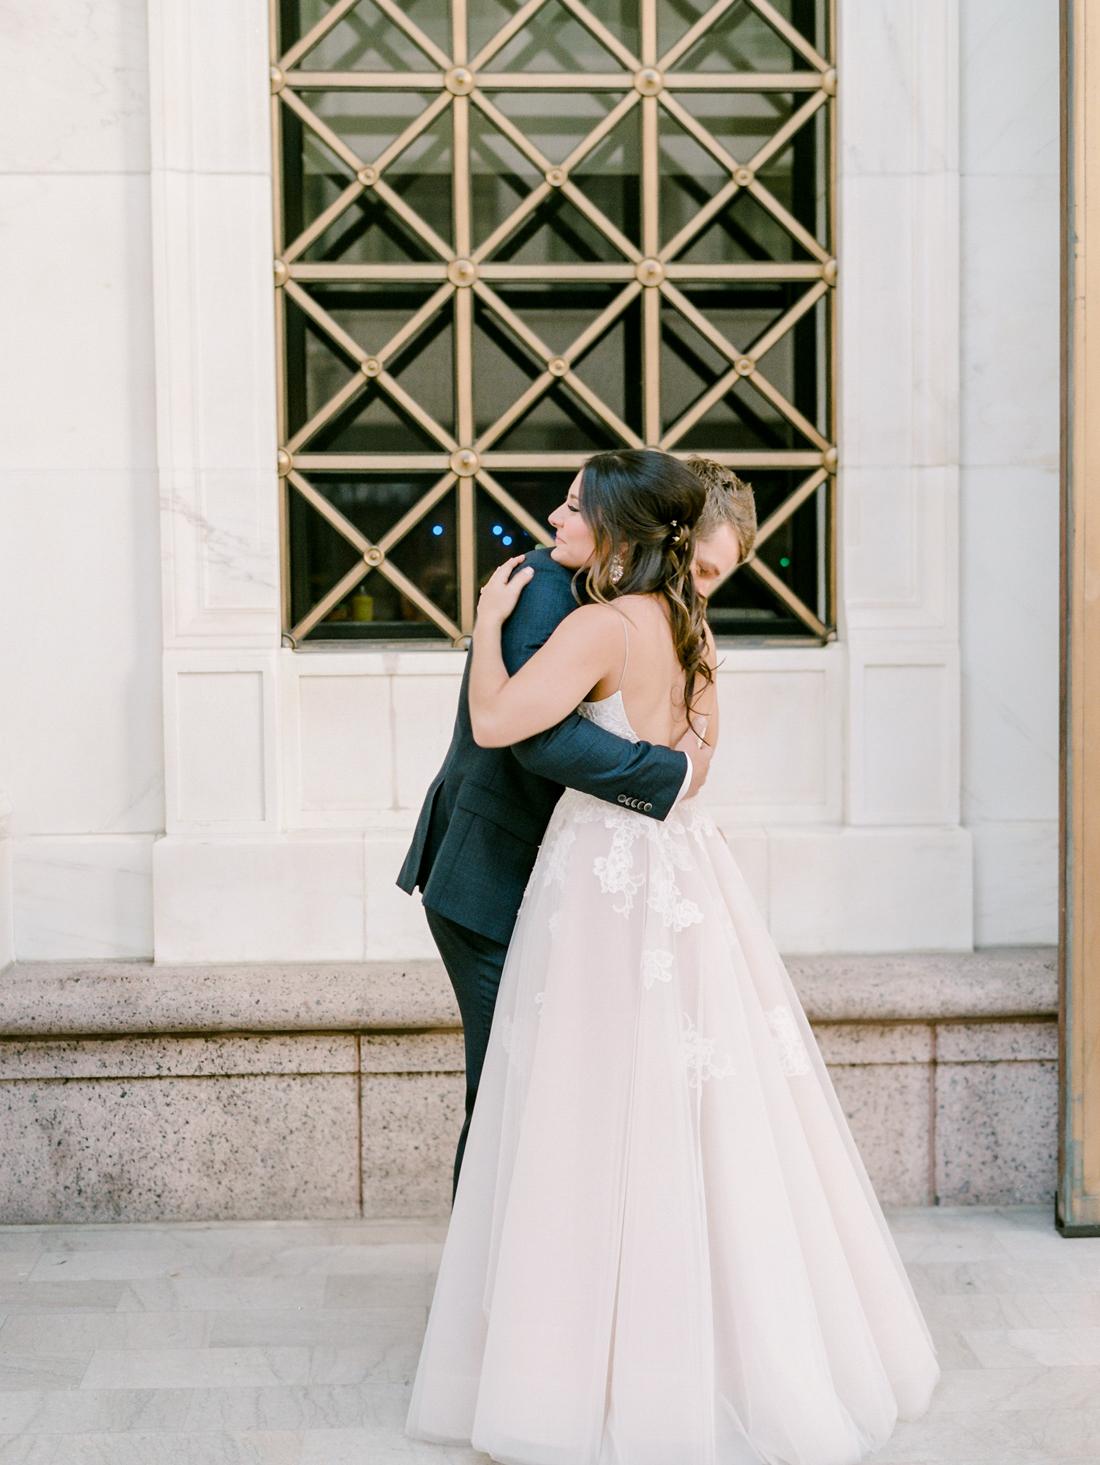 Kristin_Brett_TheKitchen_Denver_Wedding_by_Connie_Whitlock_web_128.jpg